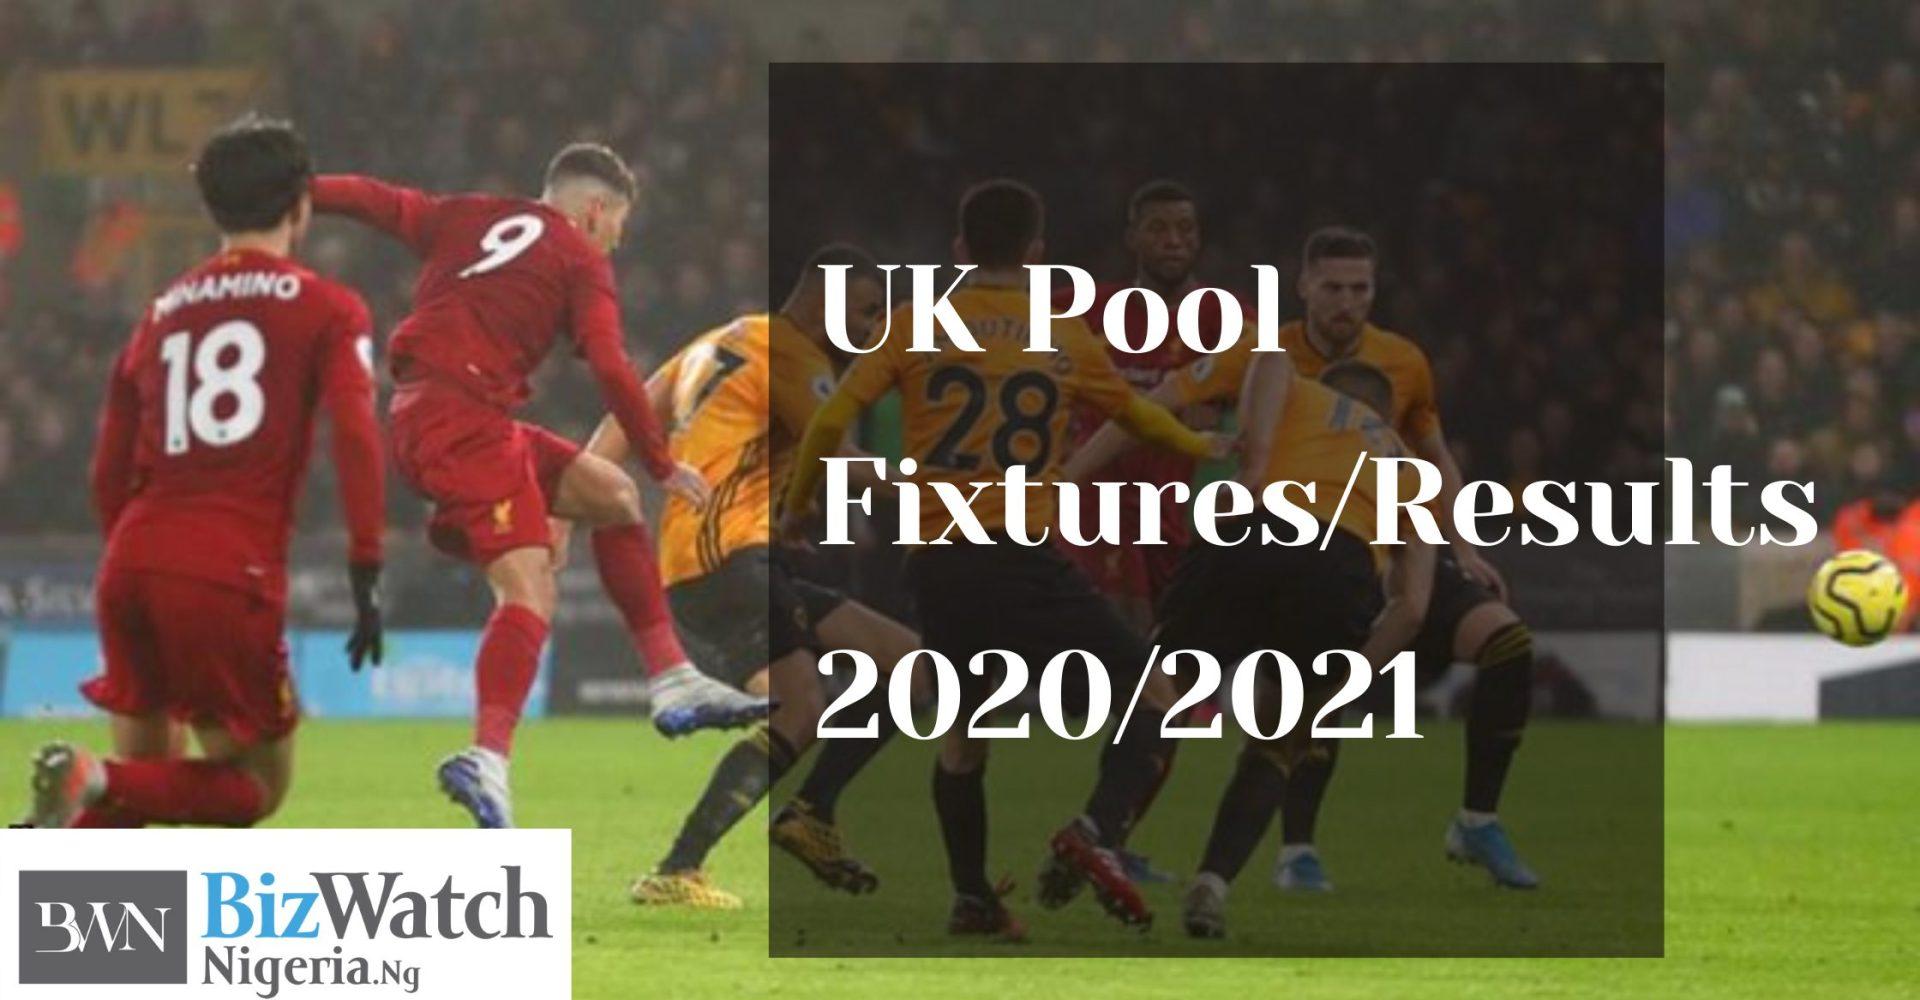 WEEK 17 Pool Fixtures